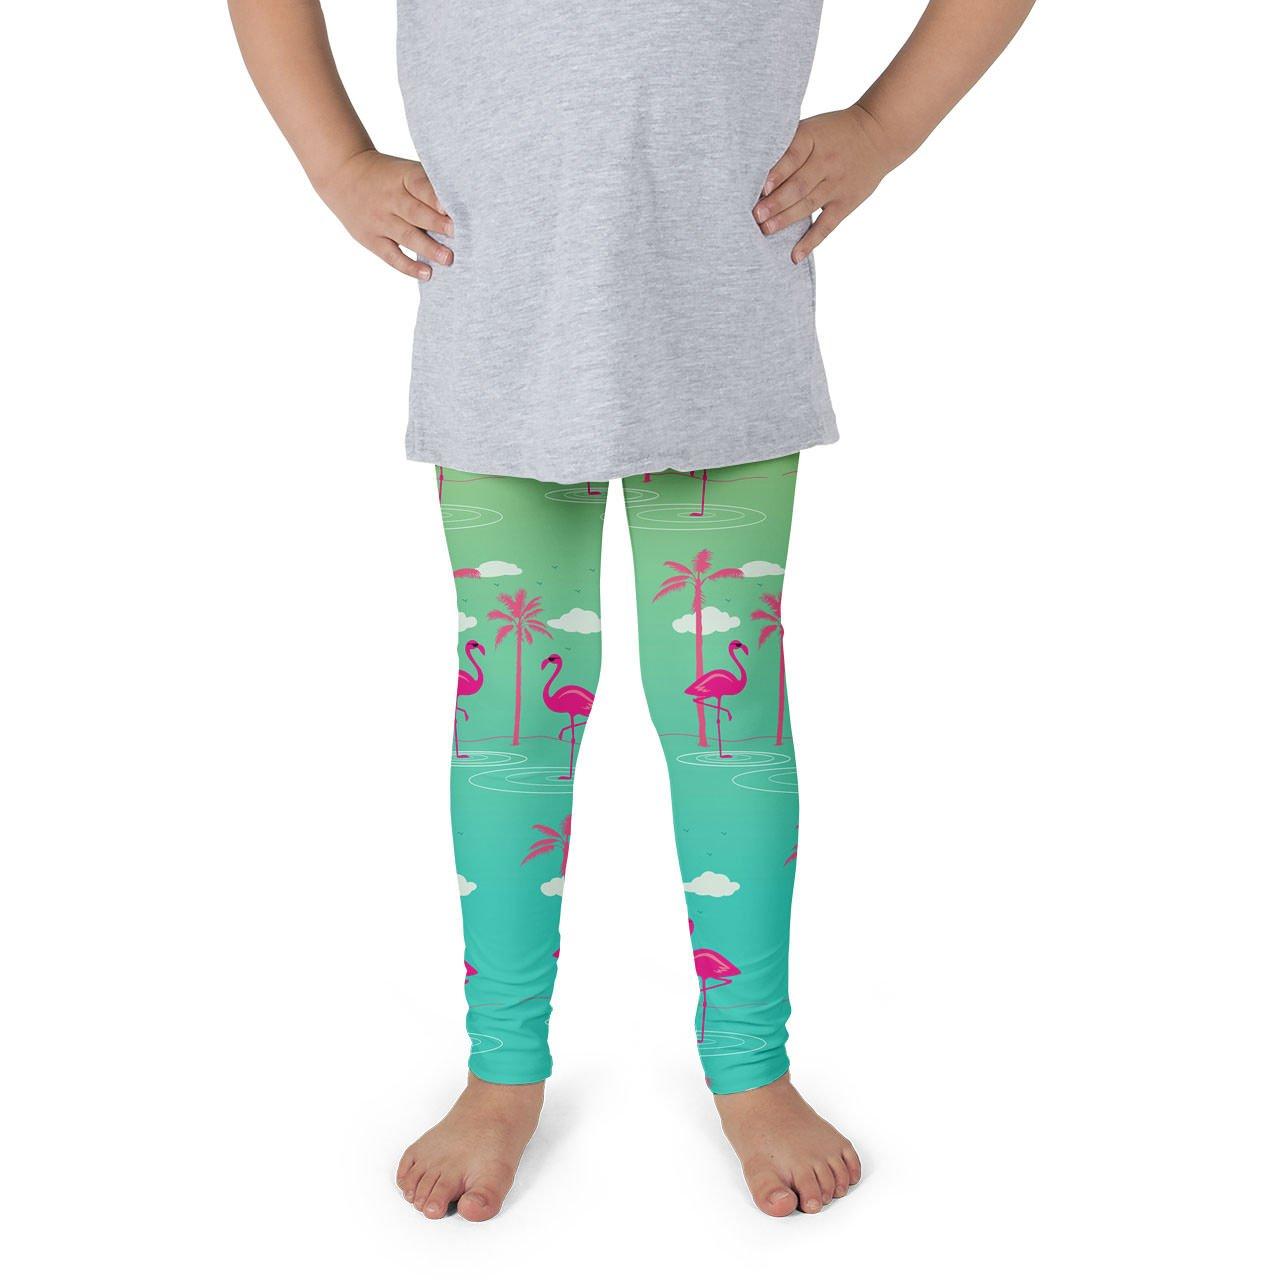 Flamingos In Sunglasses Kids Leggings